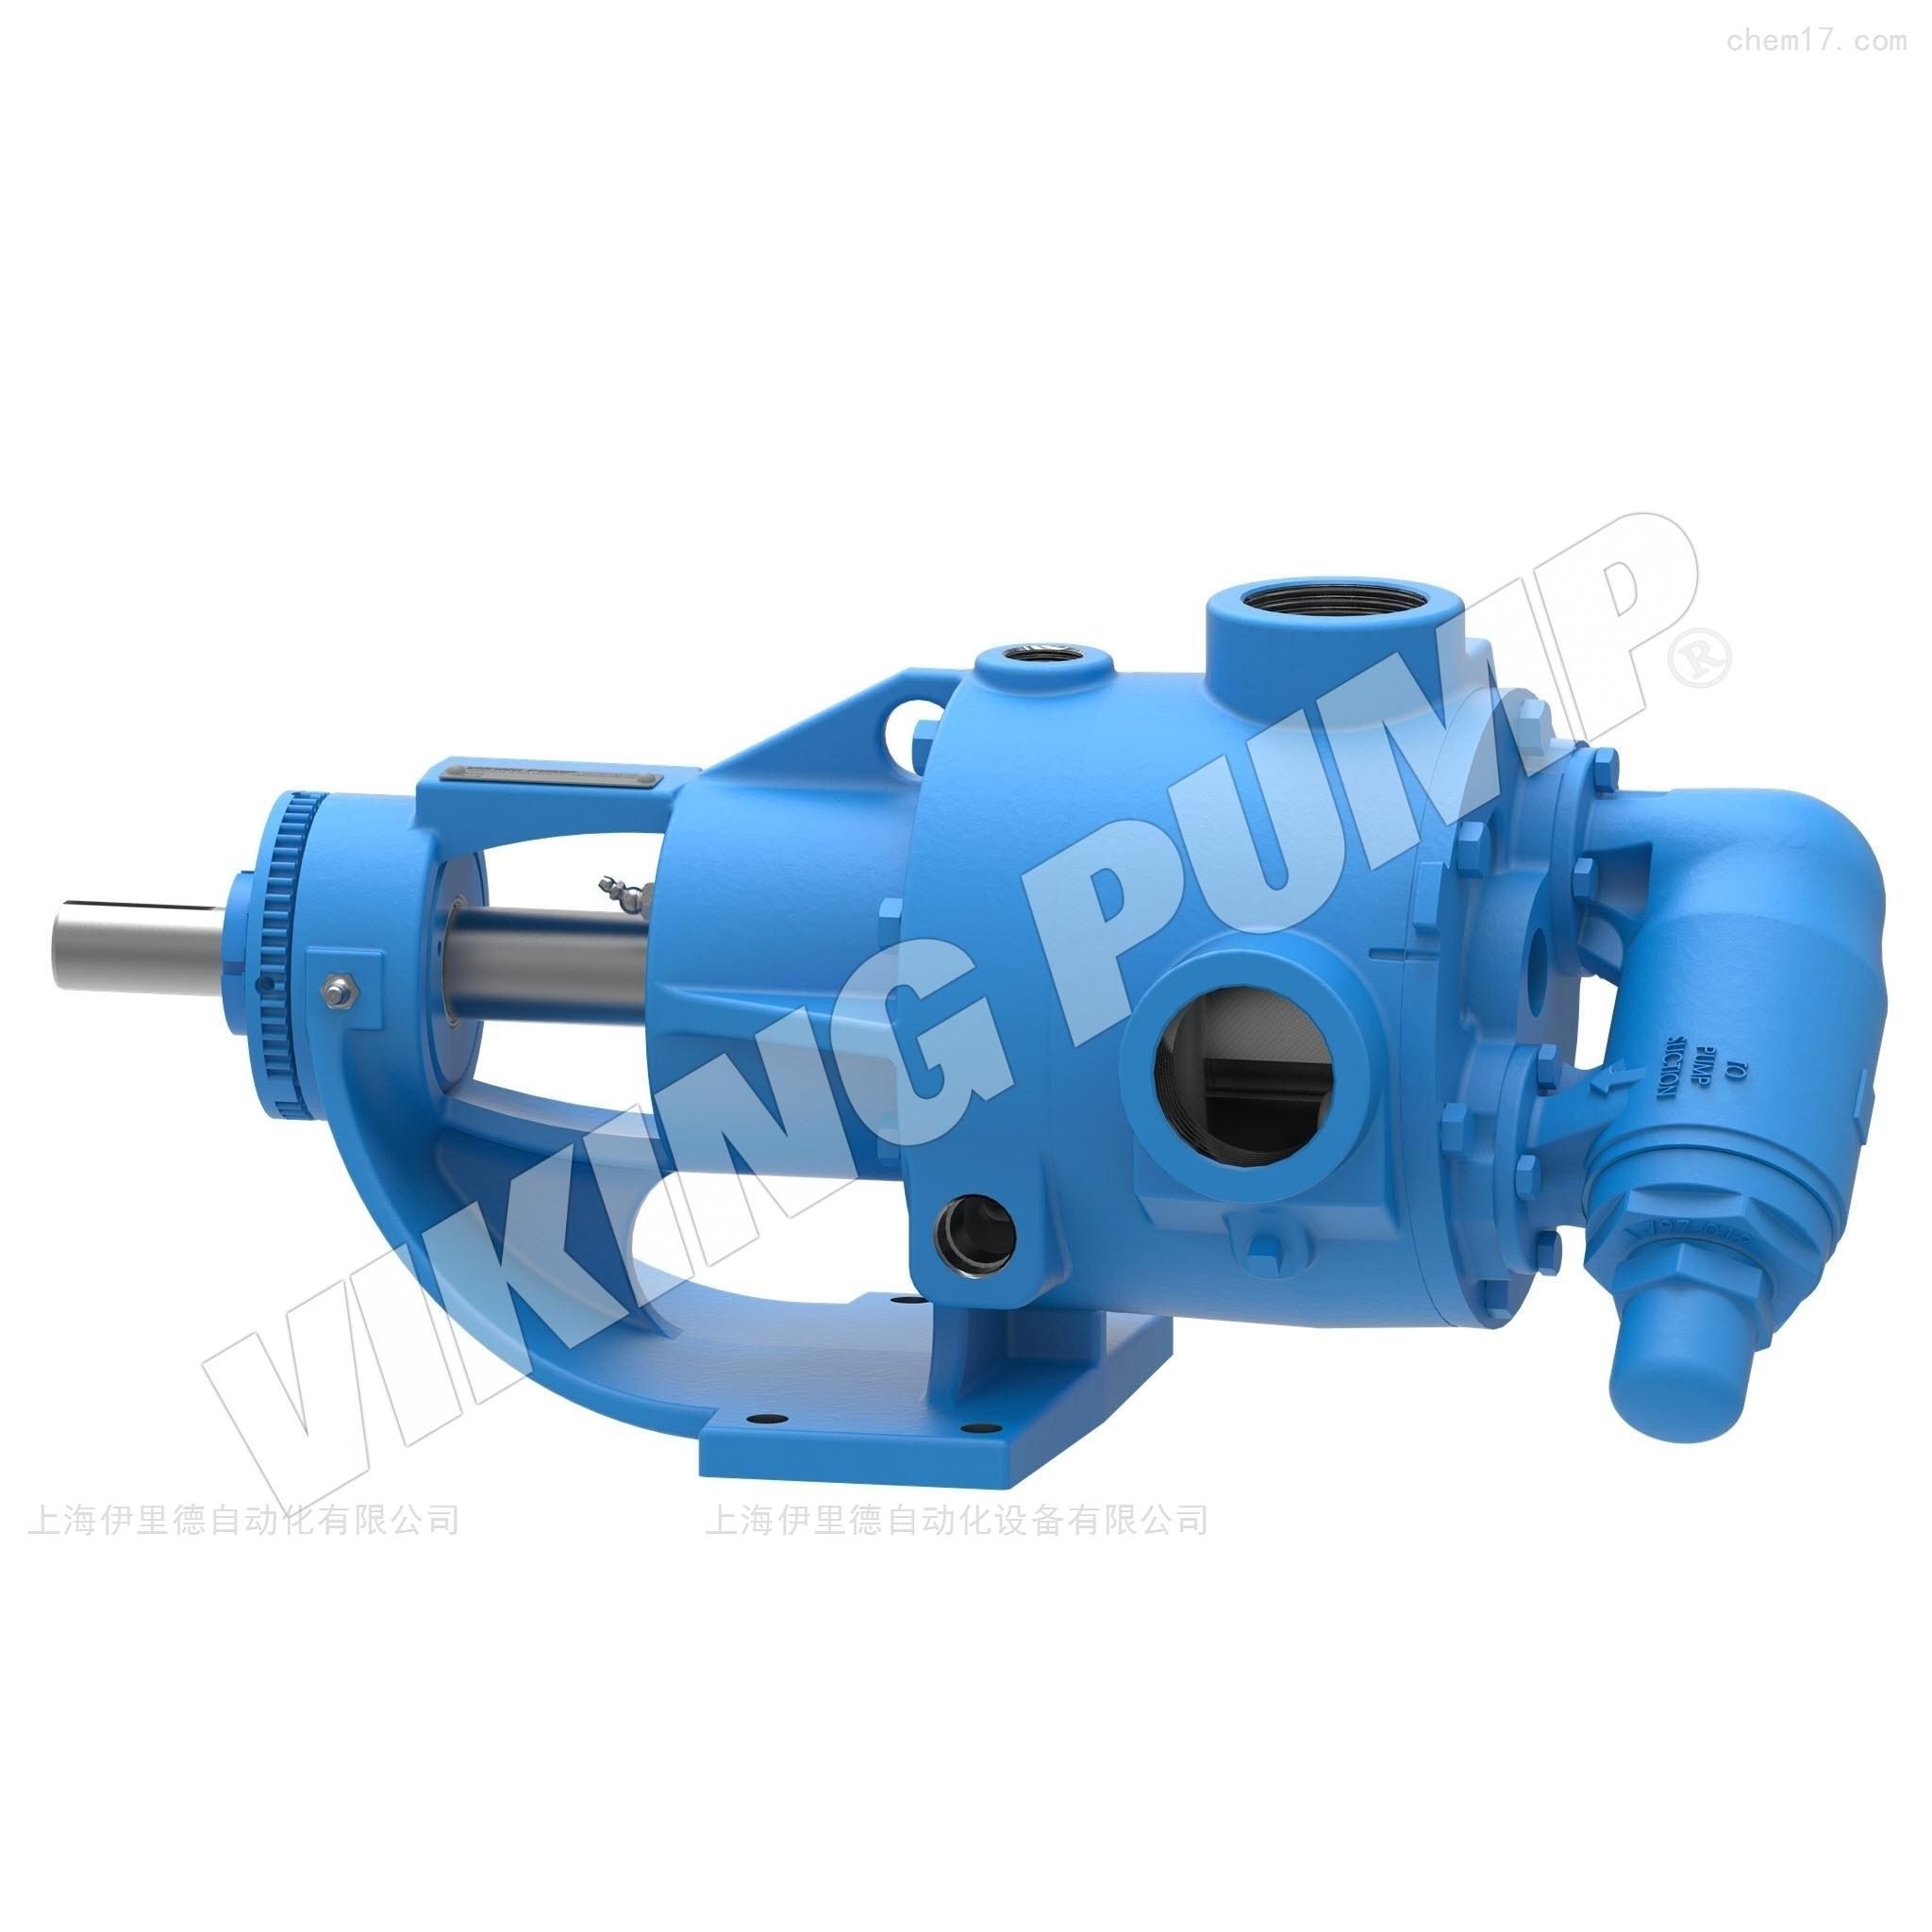 美国威肯VIKING齿轮泵通用产品泵原装进口